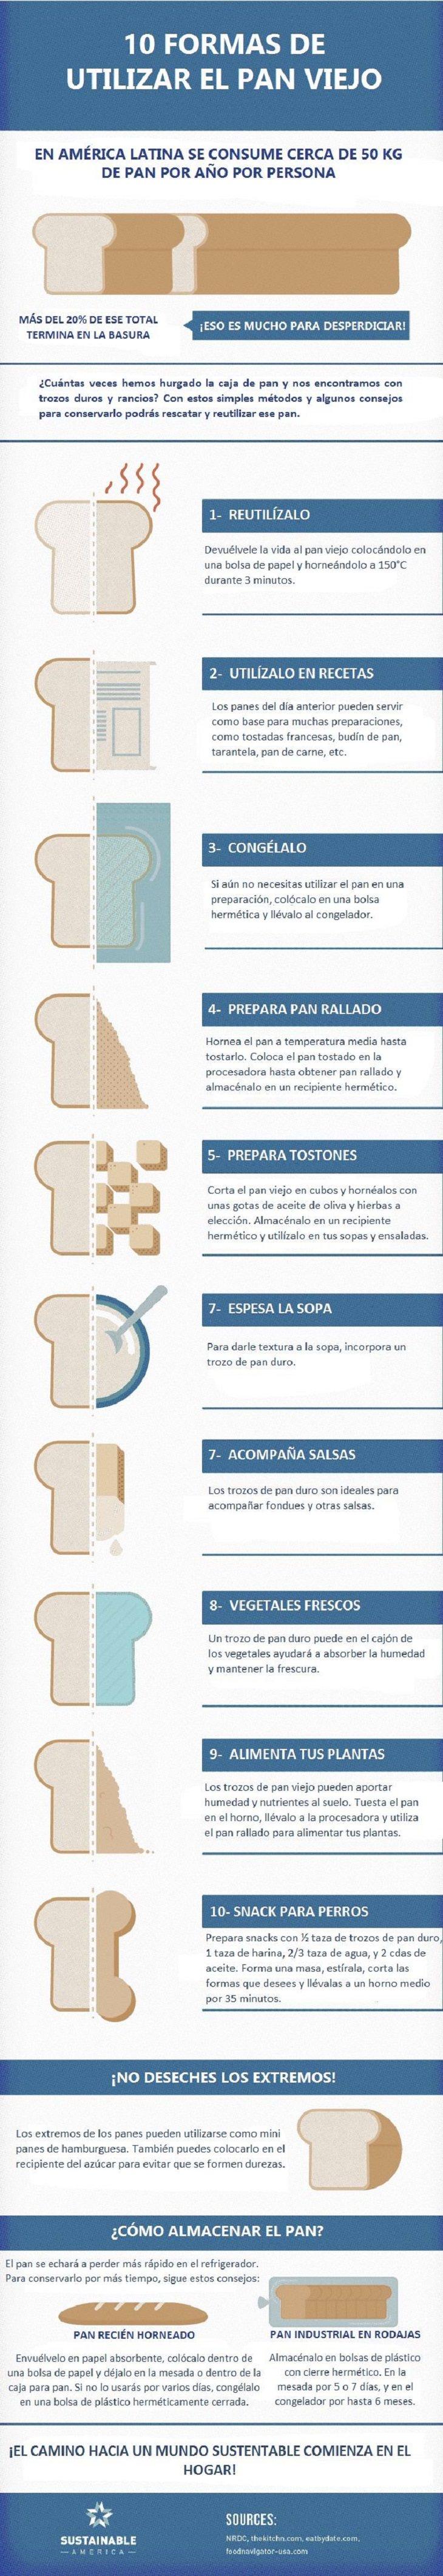 10 formas de utilizar el pan duro